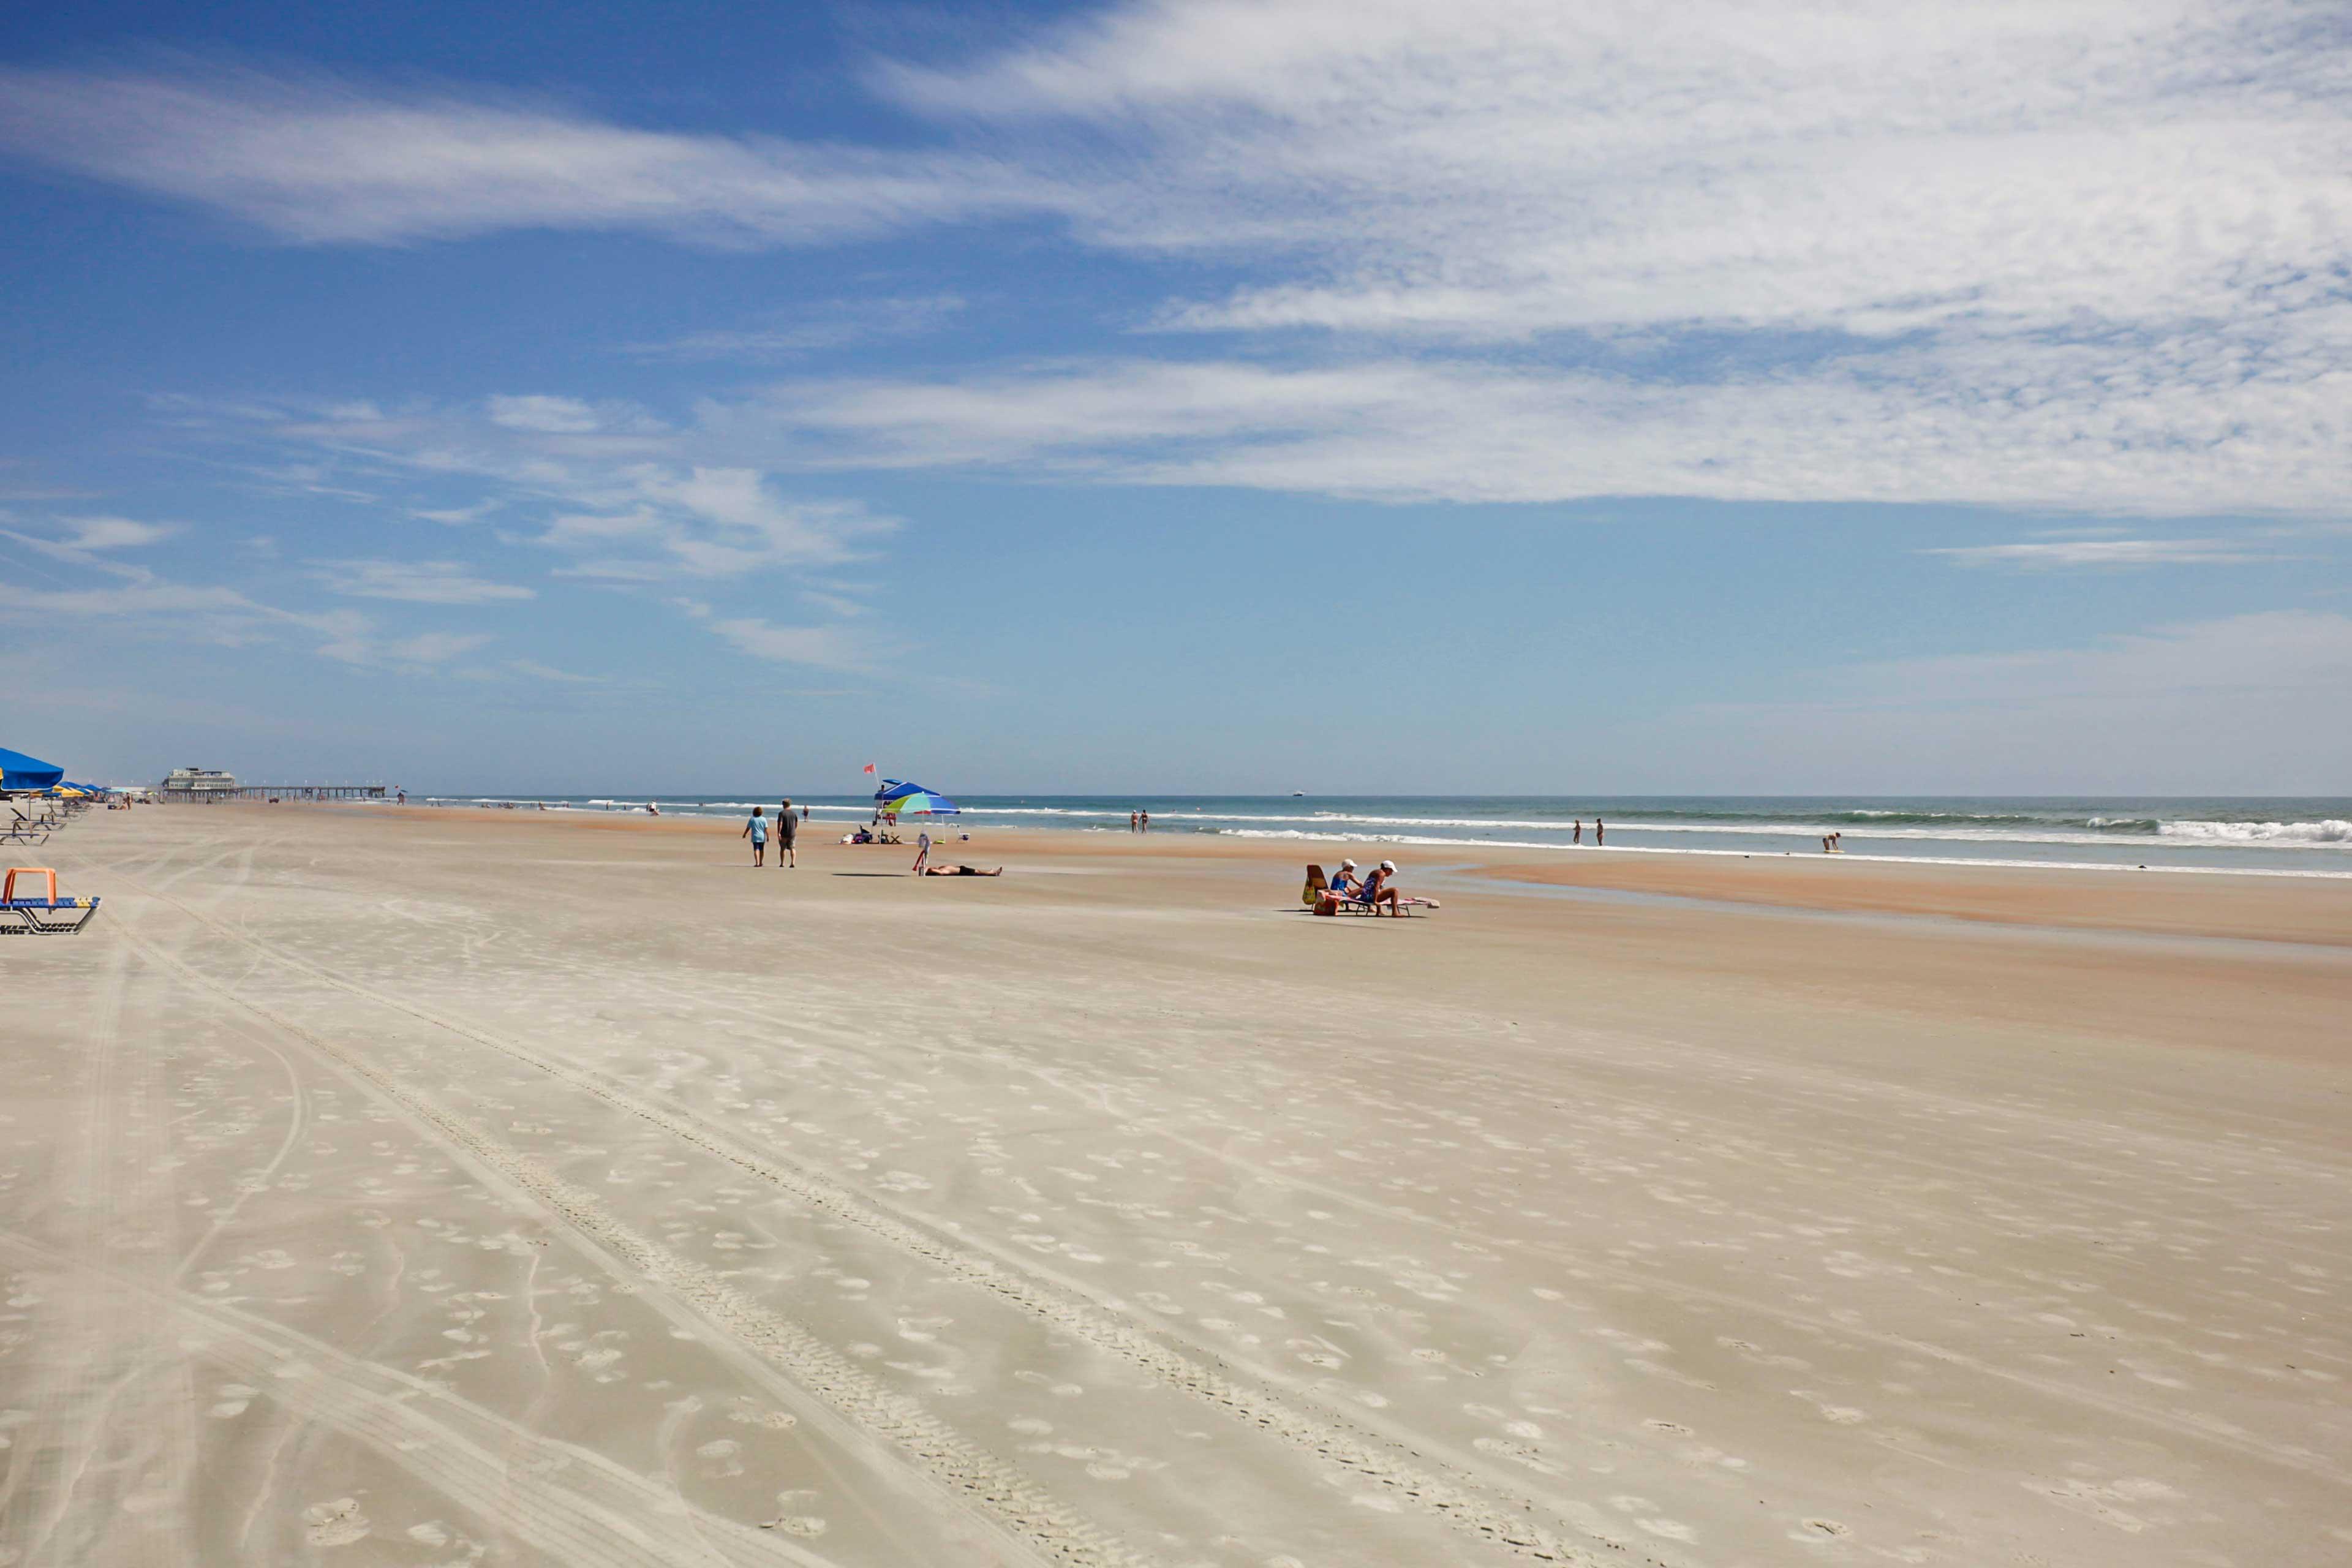 Direct Daytona Beach Access